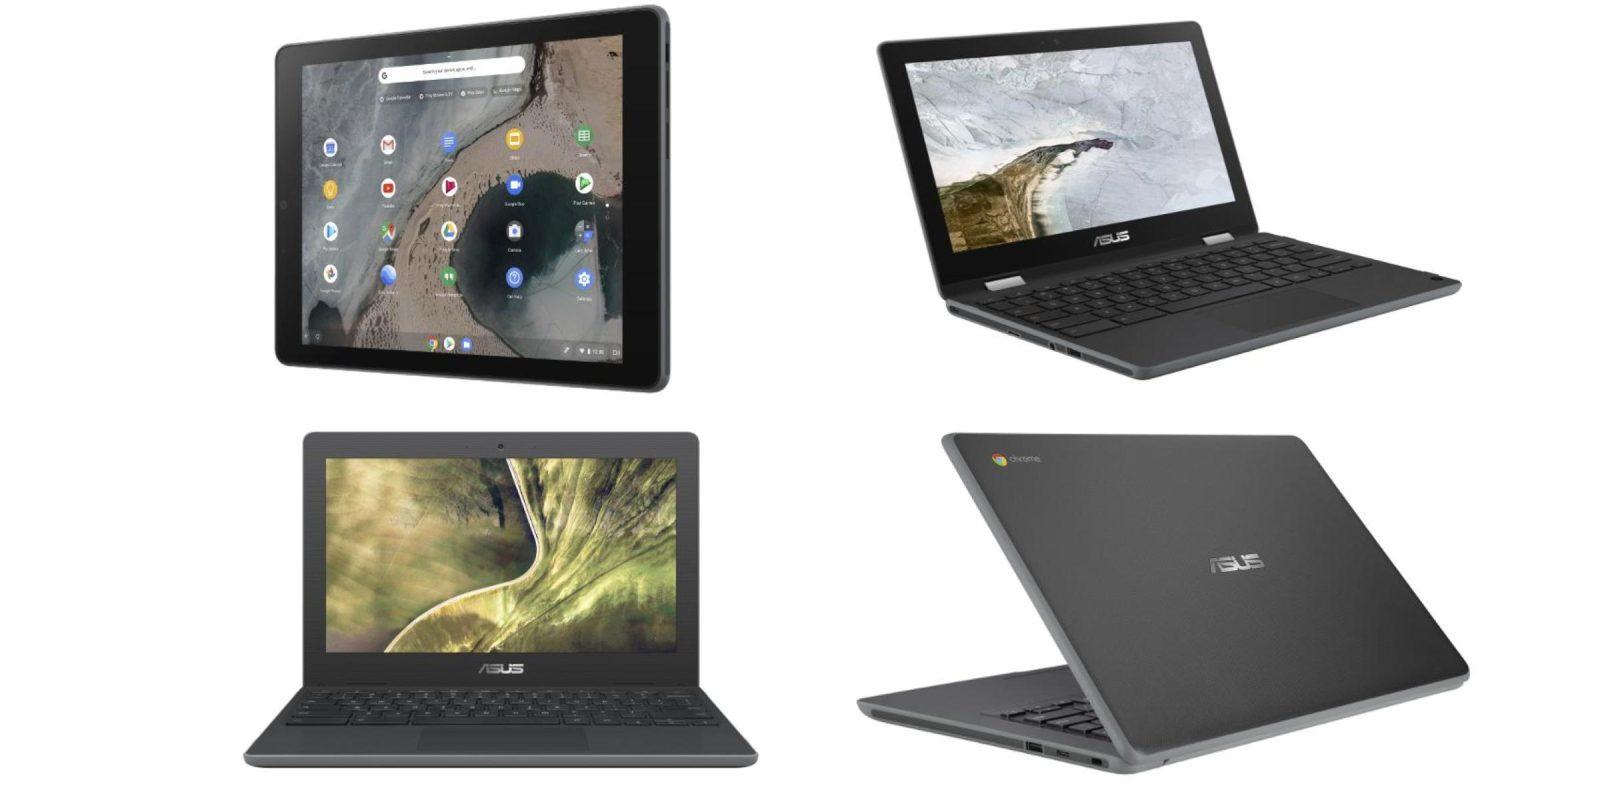 Asus unveils latest education Chromebooks at CES 2019